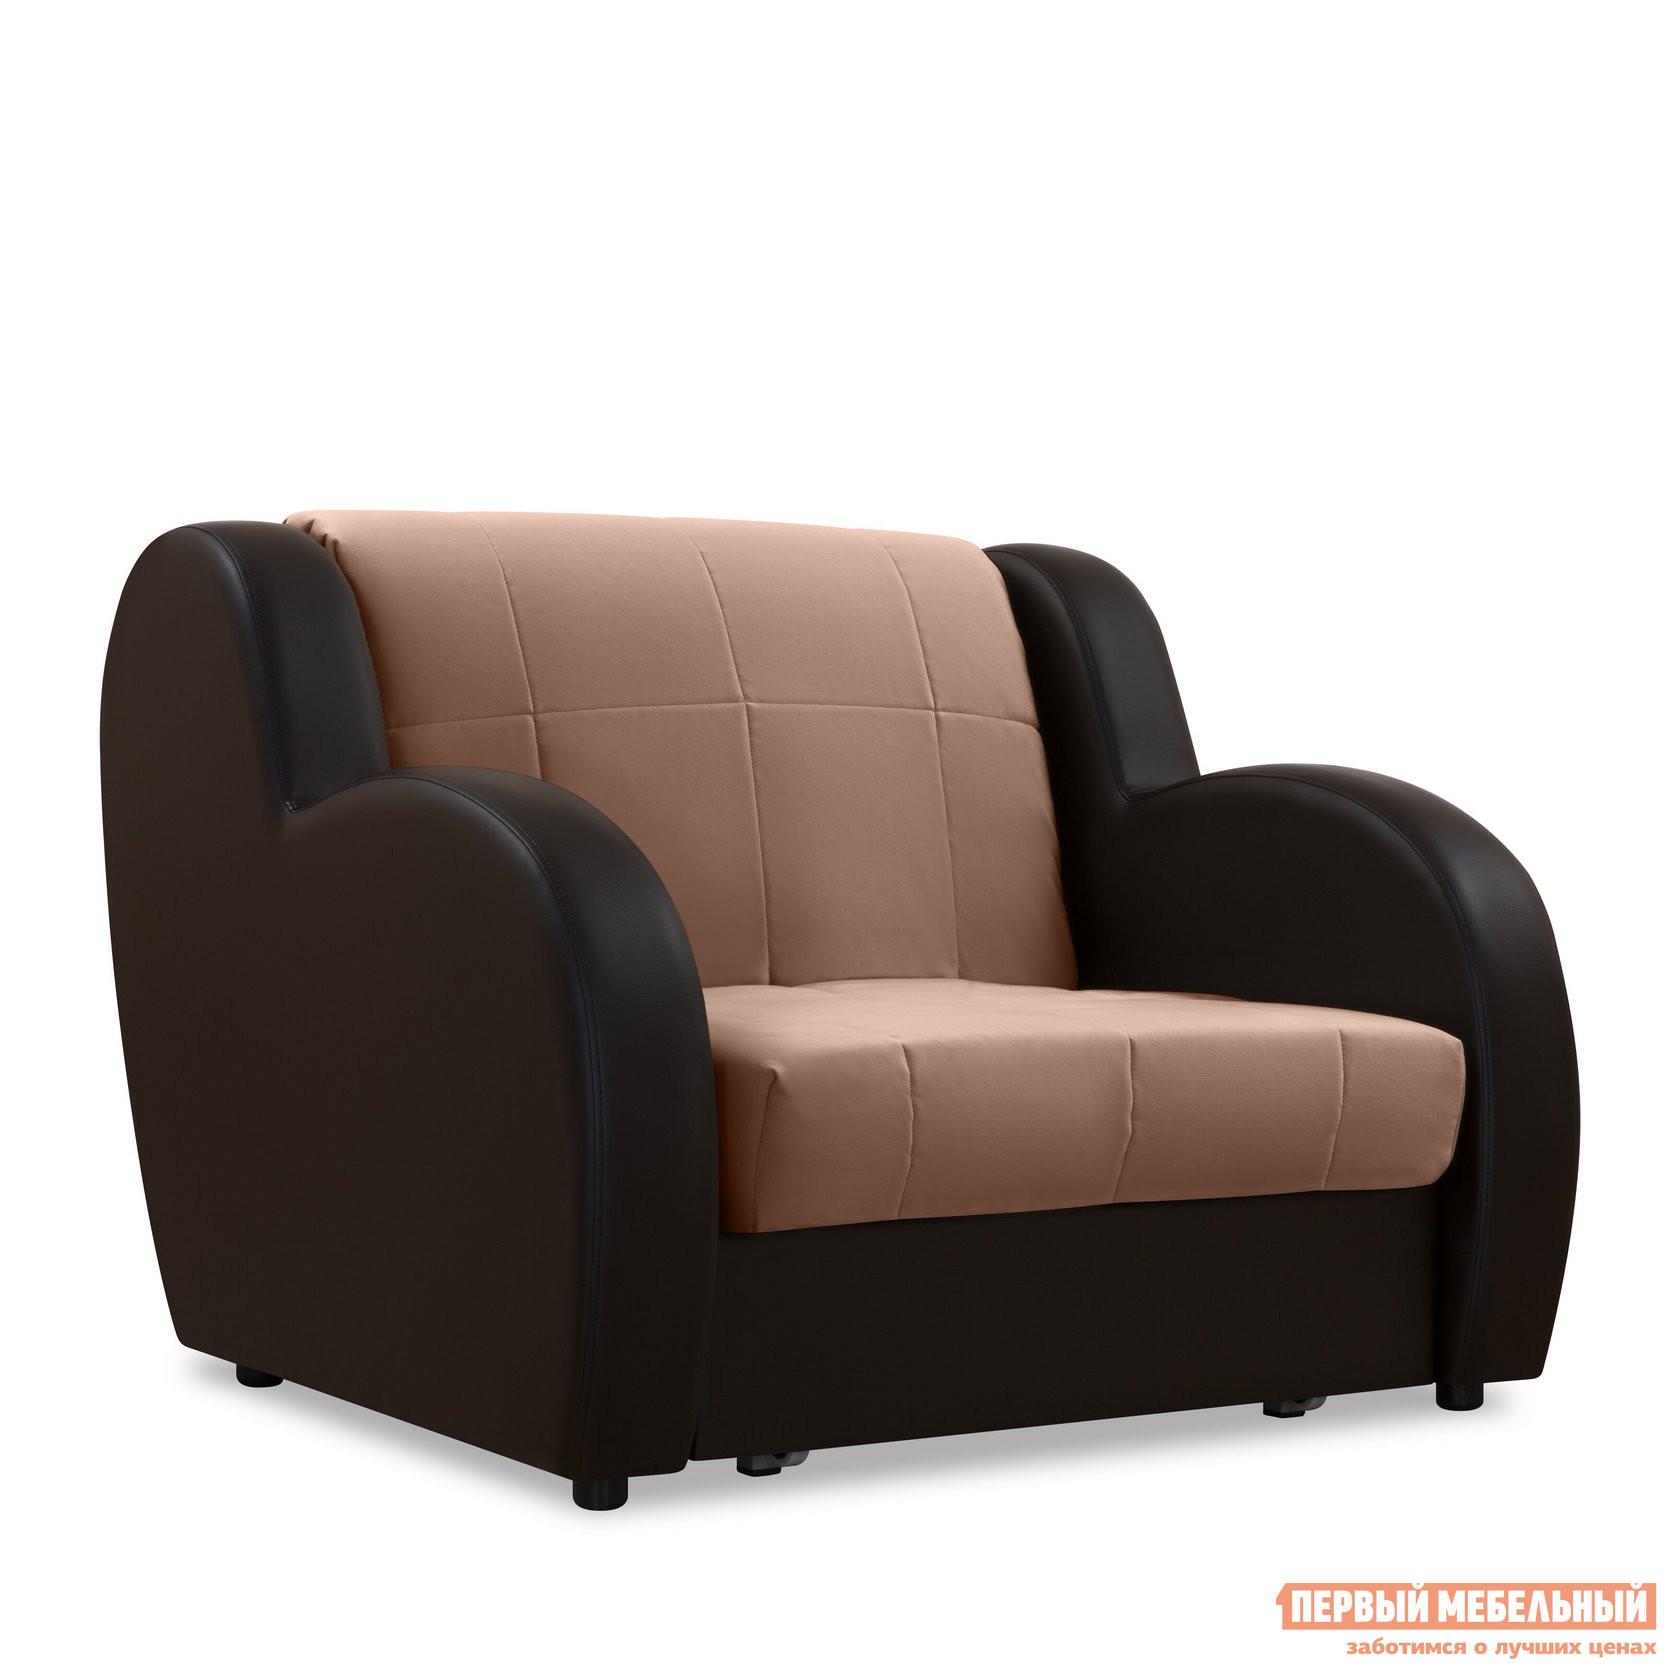 Кресло Клинская мебельная компания Барон Кресло кресло для руководителя креслов барон кв 12 131112 0413